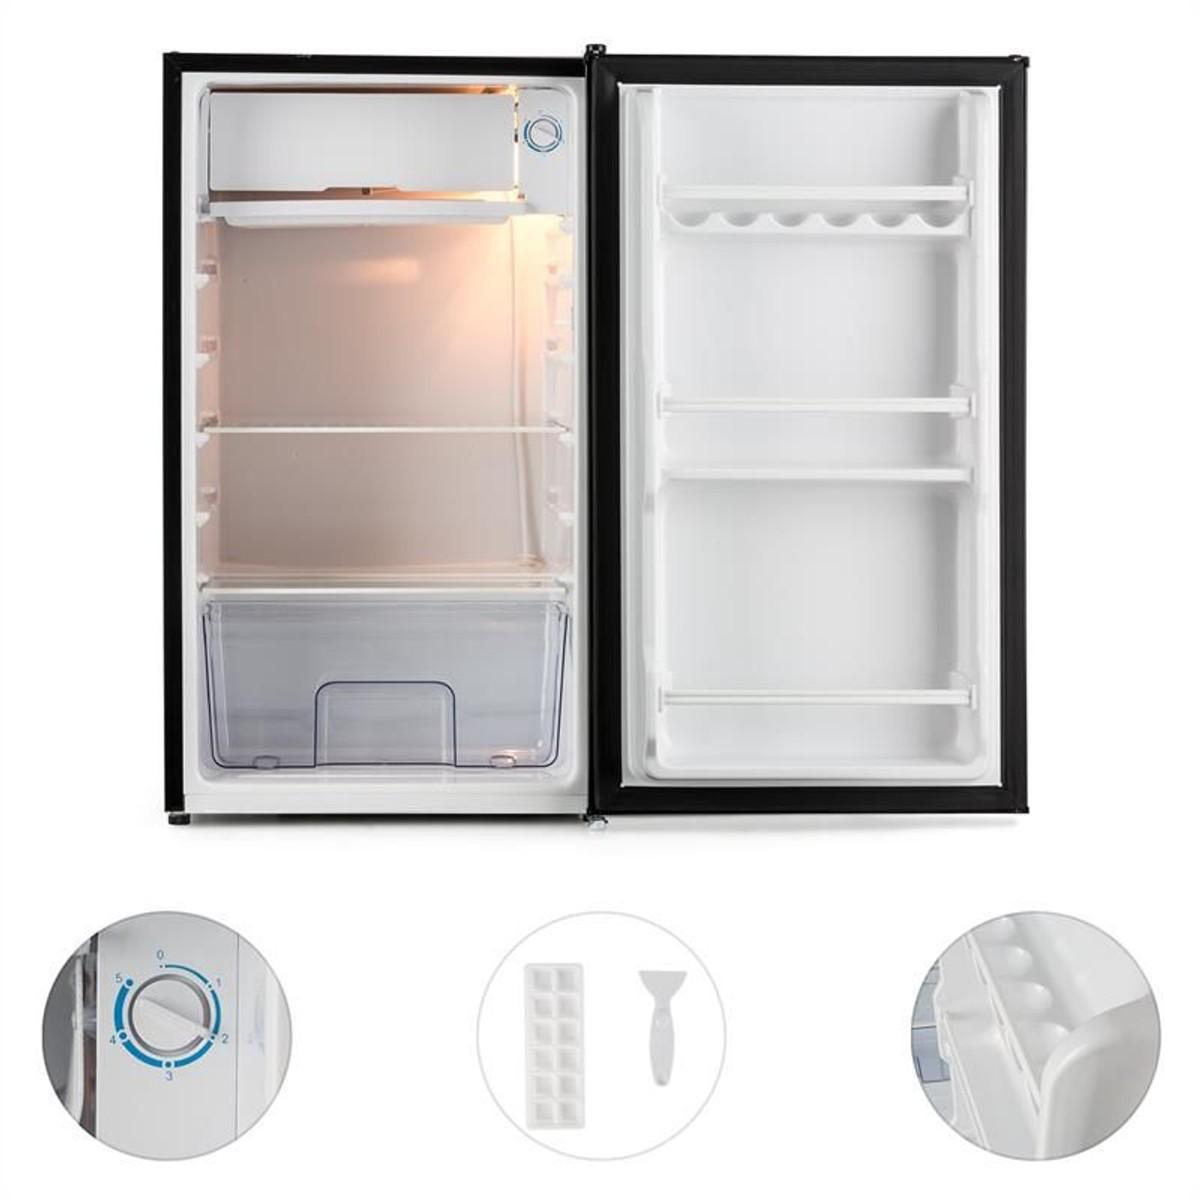 Refrigerateur Congelateur Alleinversorger Taille Taille Unique Salle De Loisirs Refrigerateur Congelateur Et Gros Electromenager